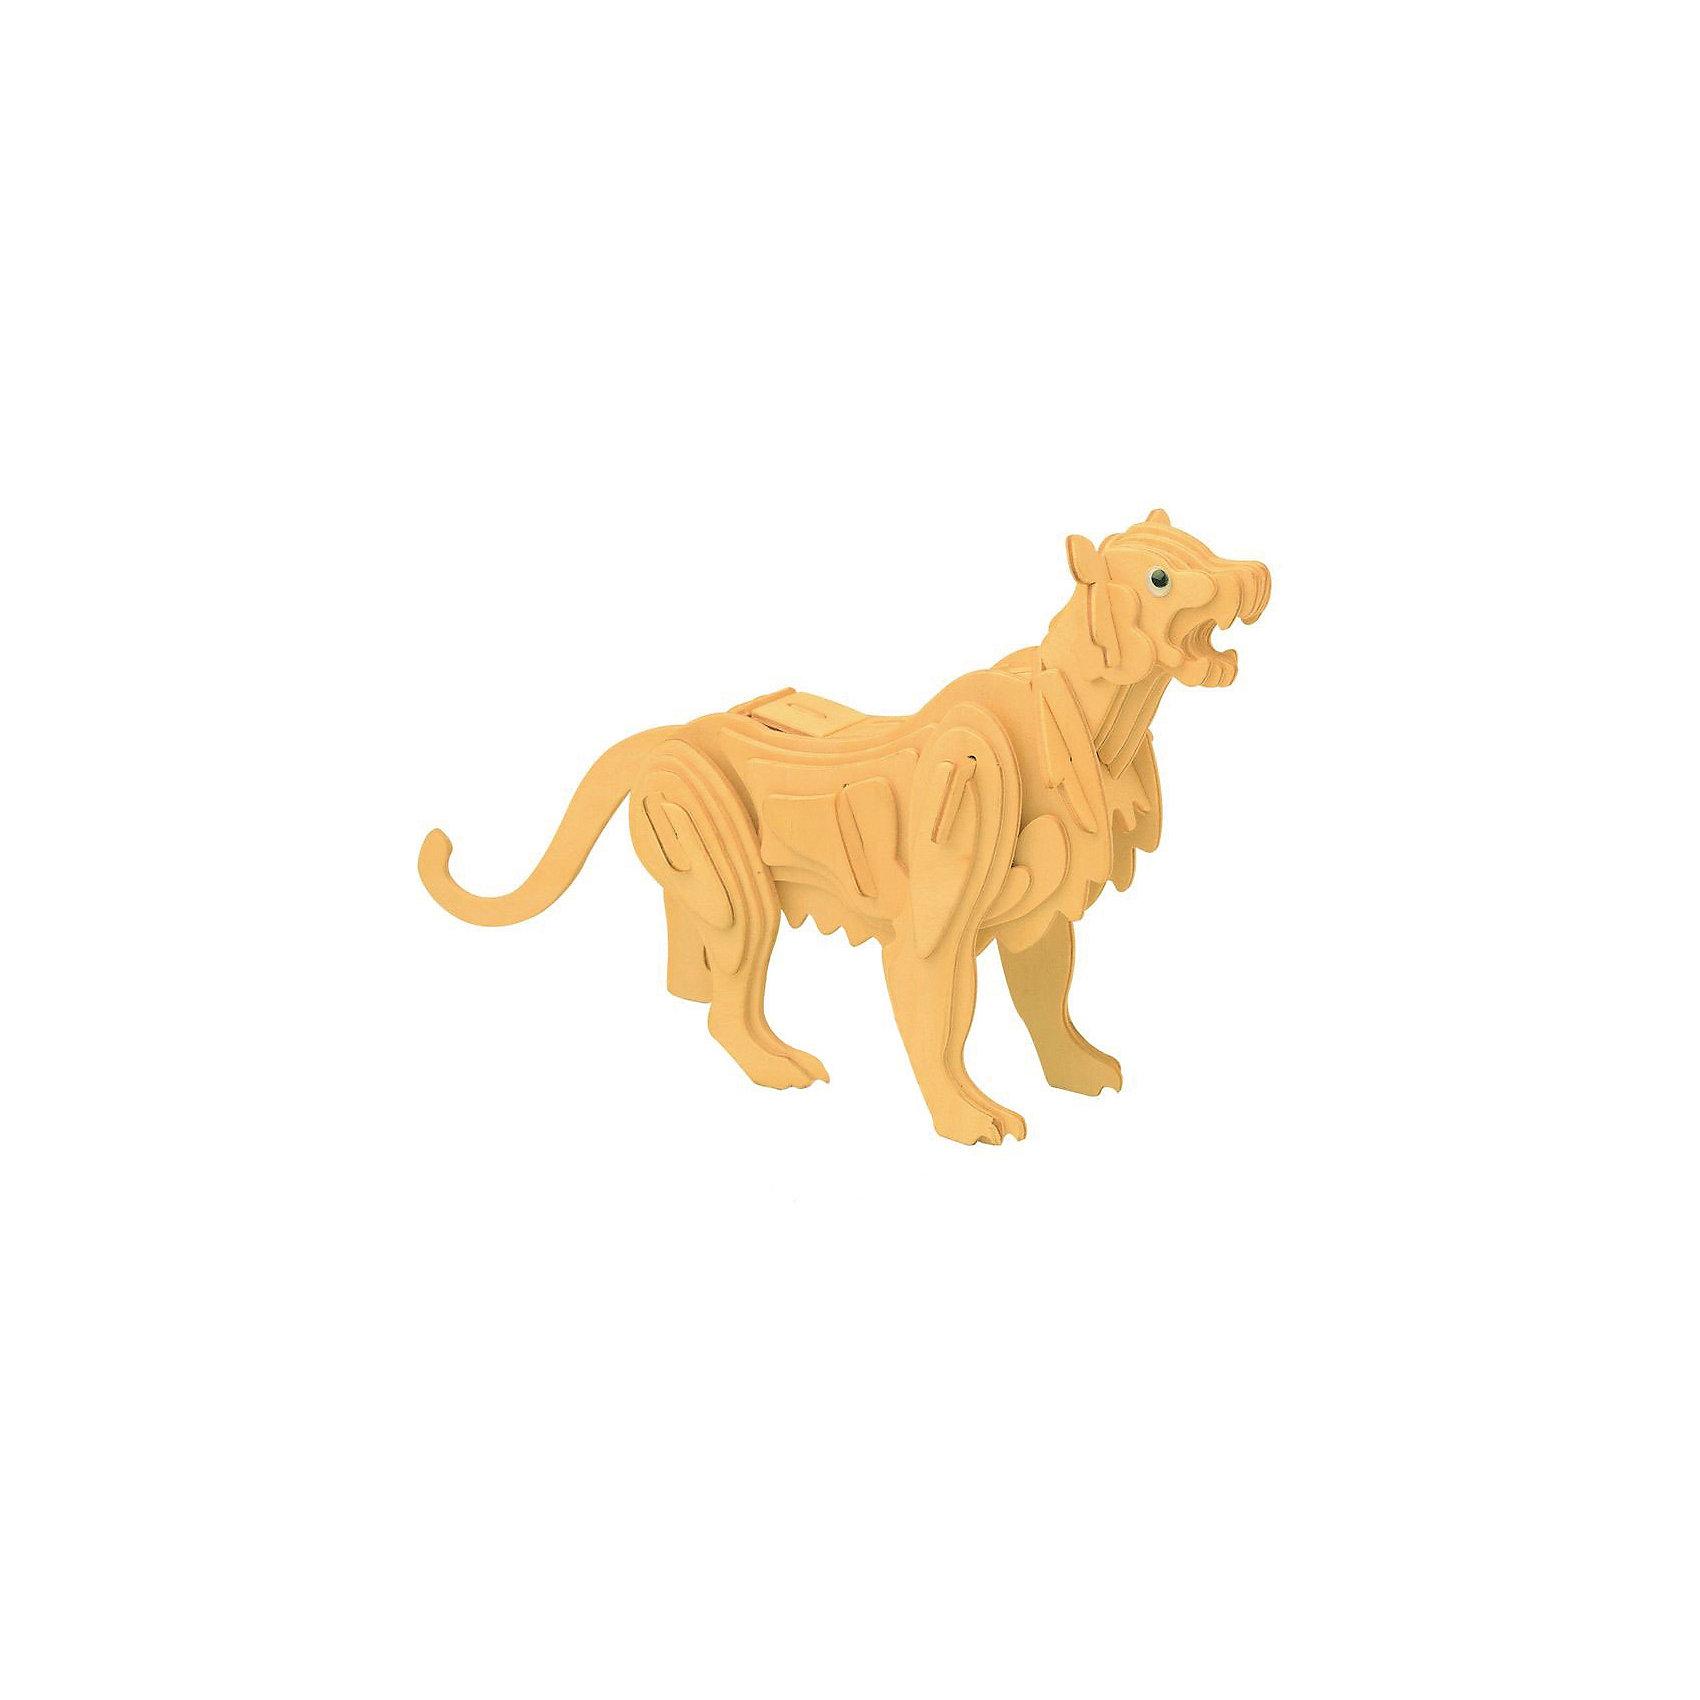 Горный лев, Мир деревянных игрушекРукоделие<br>Развивать свои способности ребенок может, сам собирая деревянные фигуры! Специально для любящих творчество и интересующихся животным миром были разработаны эти 3D-пазлы. Из них получаются красивые очень реалистичные фигуры, которые могут стать украшением комнаты. Для этого нужно выдавить из пластины с деталями элементы для сборки и соединить их. <br>Собирая их, ребенок будет учиться соотносить фигуры, развивать пространственное мышление, память и мелкую моторику. А раскрашивая готовое произведение, дети научатся подбирать цвета и будут развивать художественные навыки. Этот набор произведен из качественных и безопасных для детей материалов - дерево тщательно обработано.<br><br>Дополнительная информация:<br><br>материал: дерево;<br>цвет: бежевый;<br>элементы: пластины с деталями для сборки;<br>размер упаковки: 23 х 18 см.<br><br>3D-пазл Горный лев от бренда Мир деревянных игрушек можно купить в нашем магазине.<br><br>Ширина мм: 225<br>Глубина мм: 30<br>Высота мм: 180<br>Вес г: 450<br>Возраст от месяцев: 36<br>Возраст до месяцев: 144<br>Пол: Унисекс<br>Возраст: Детский<br>SKU: 4969077